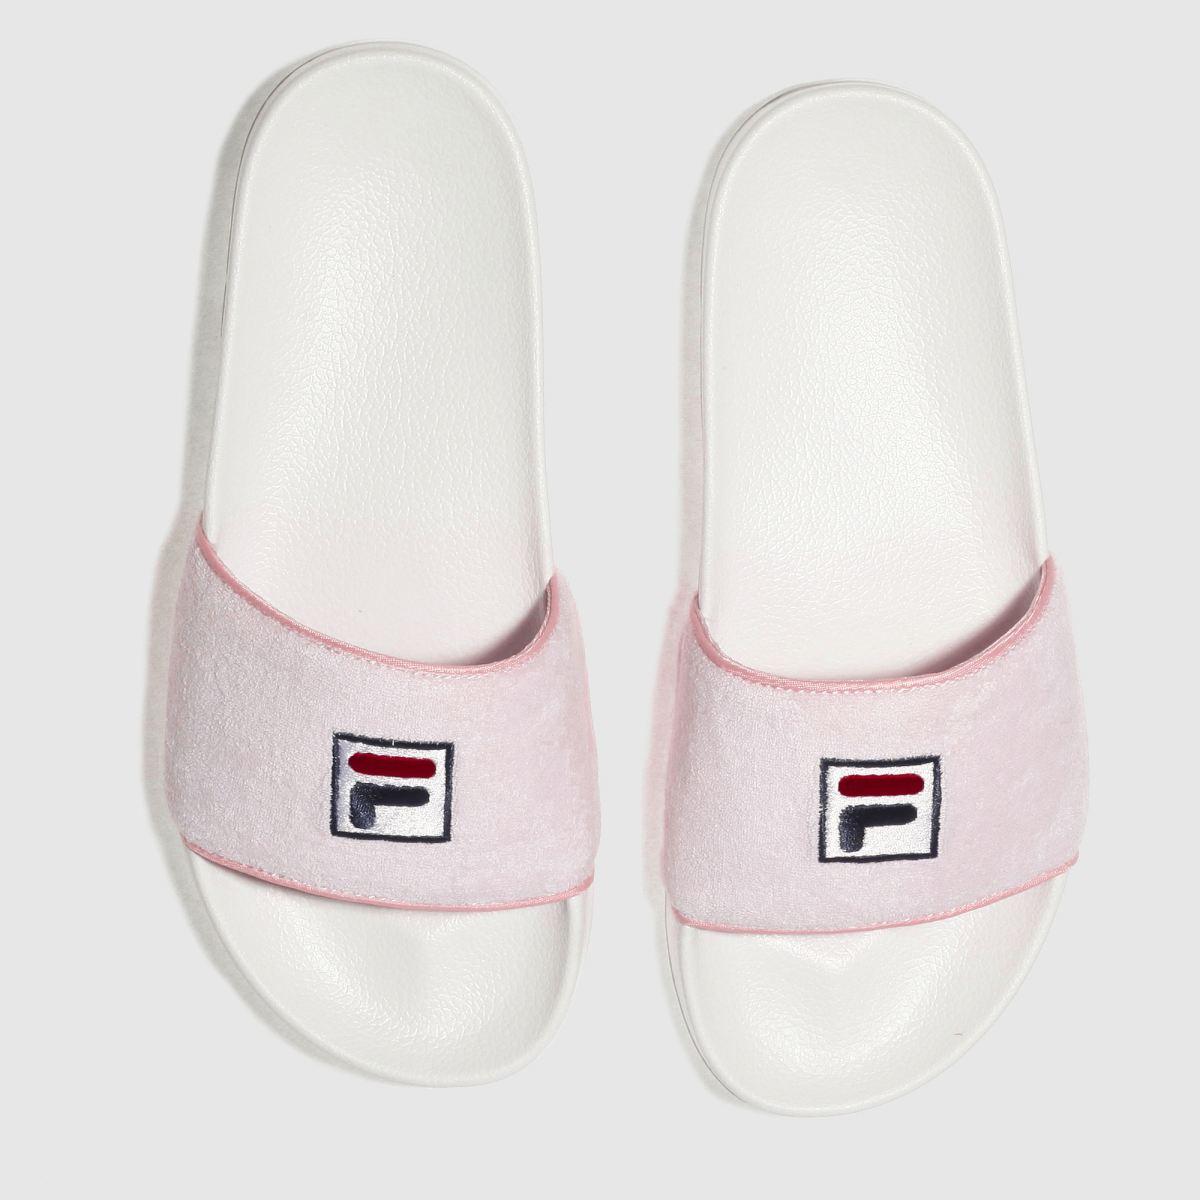 Fila Fila Pale Pink Drifter Terry Sandals